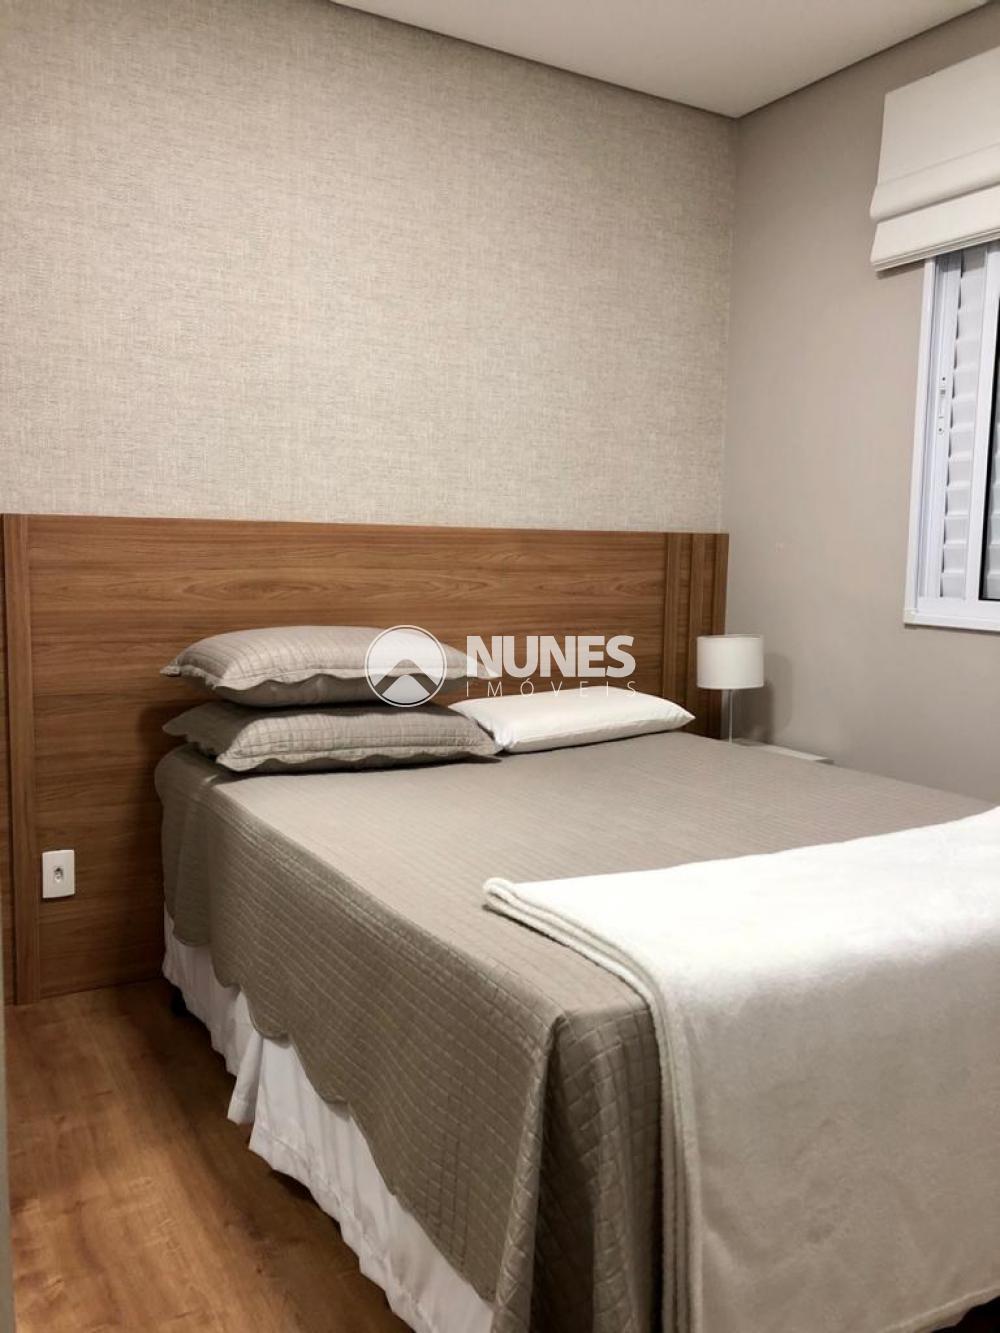 Comprar Apartamento / Padrão em Osasco R$ 250.000,00 - Foto 10